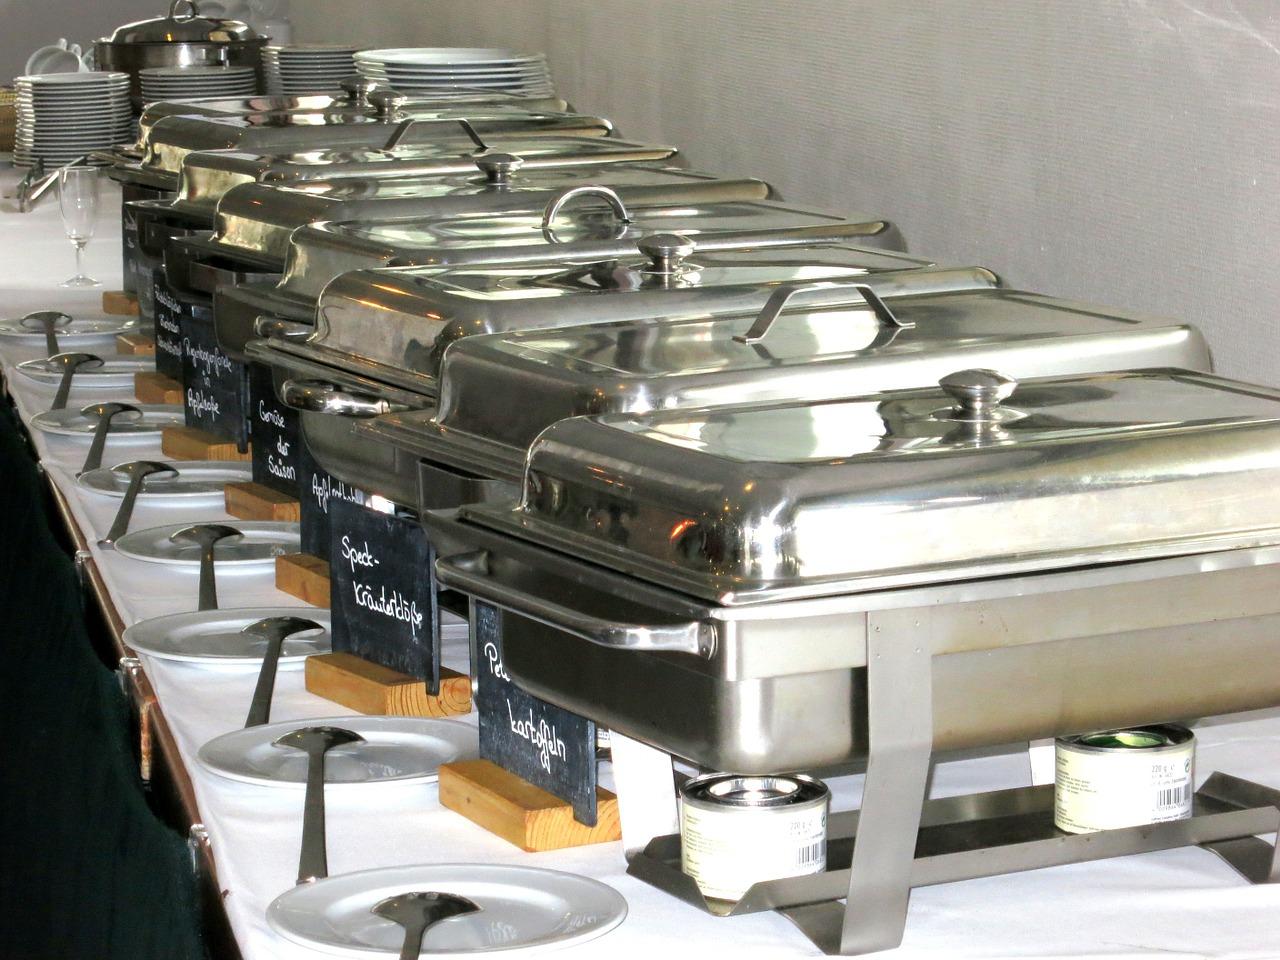 Jakie patelnie dla działalności gastronomicznej?